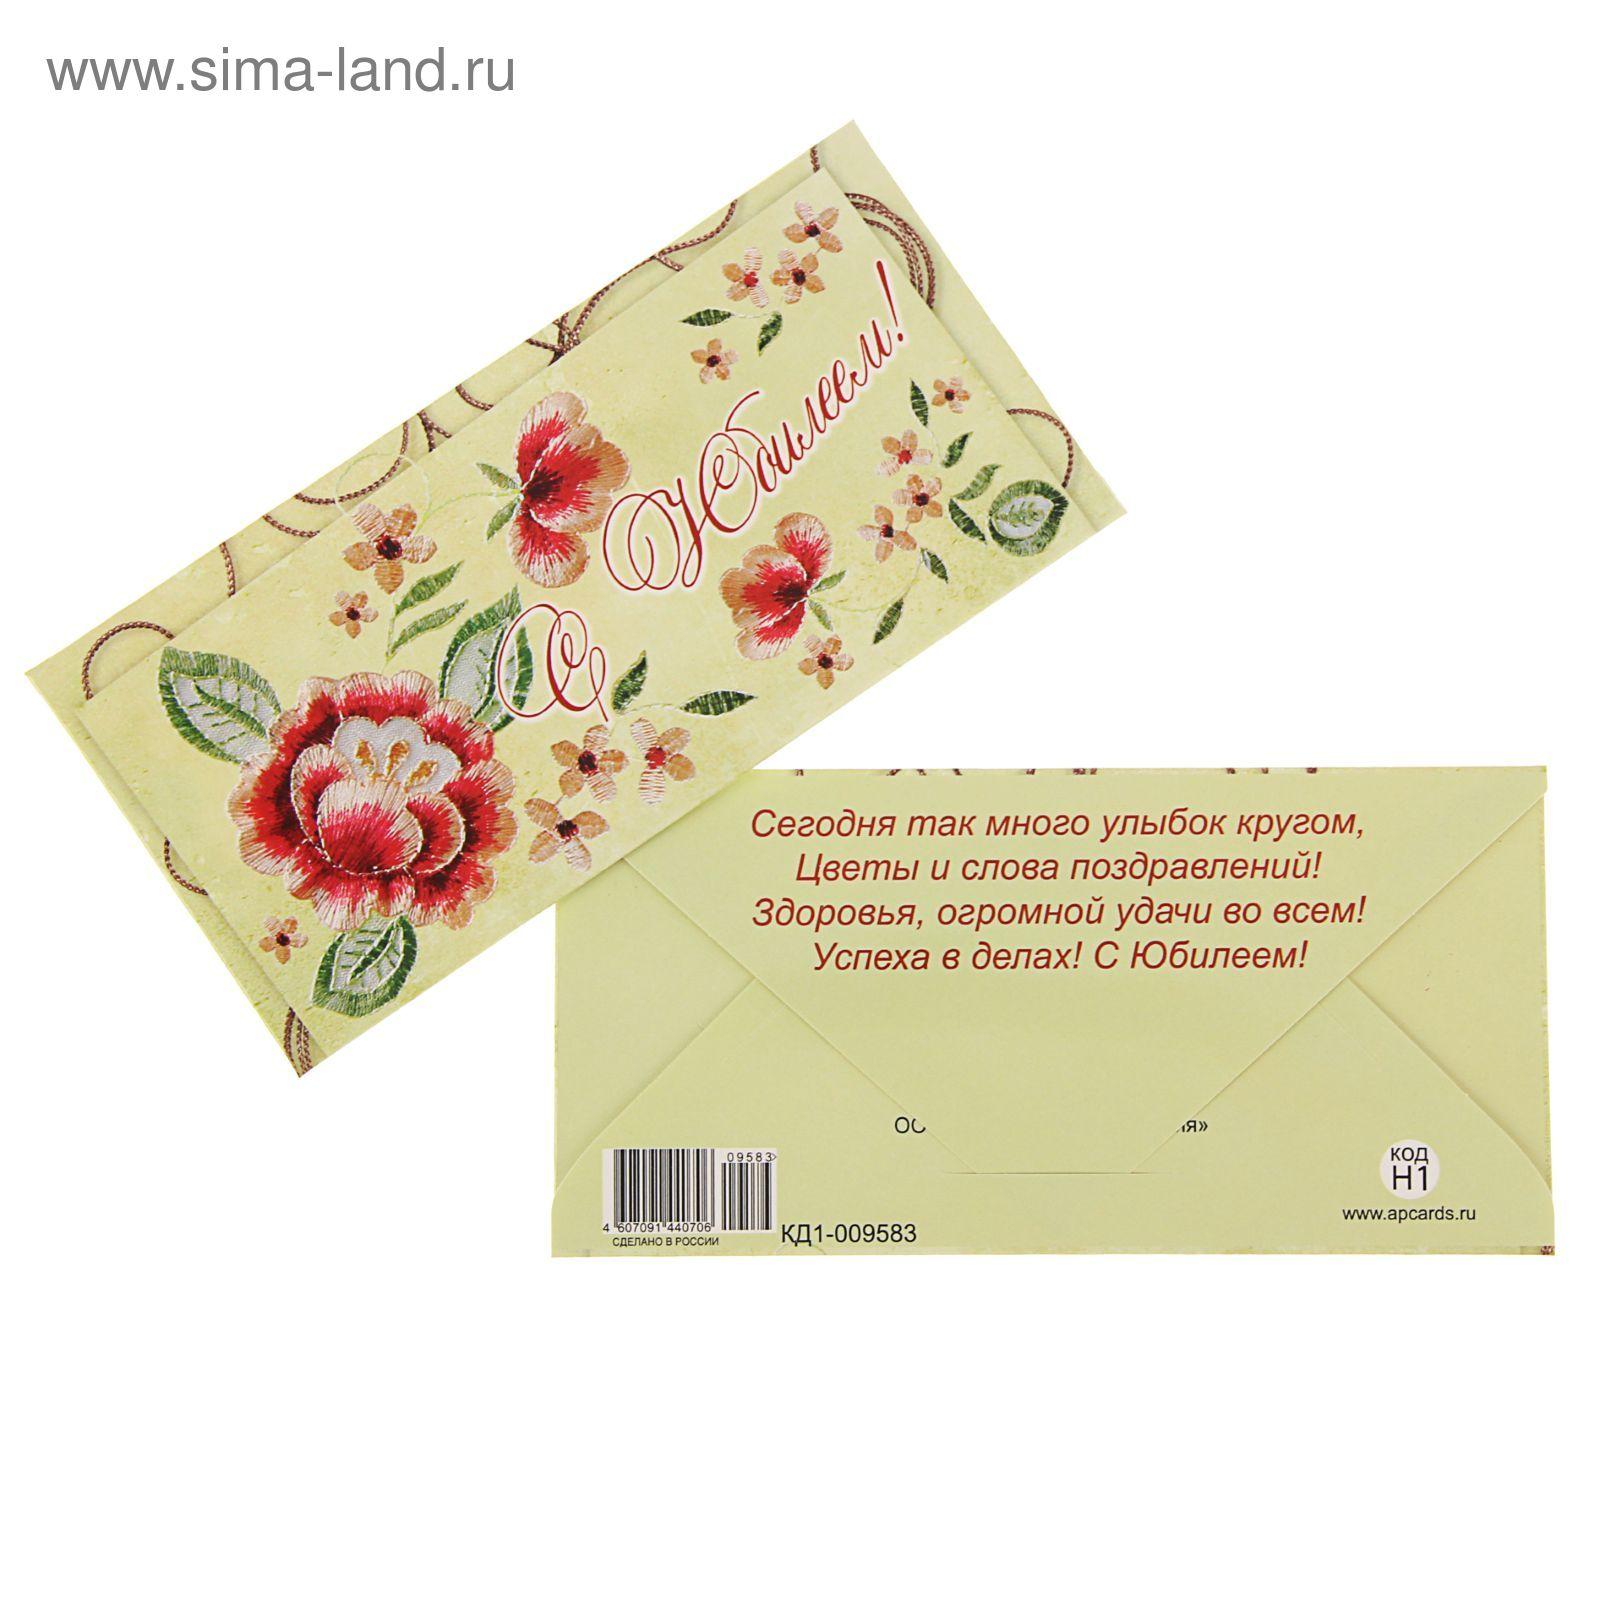 Цветок из денег с поздравлением